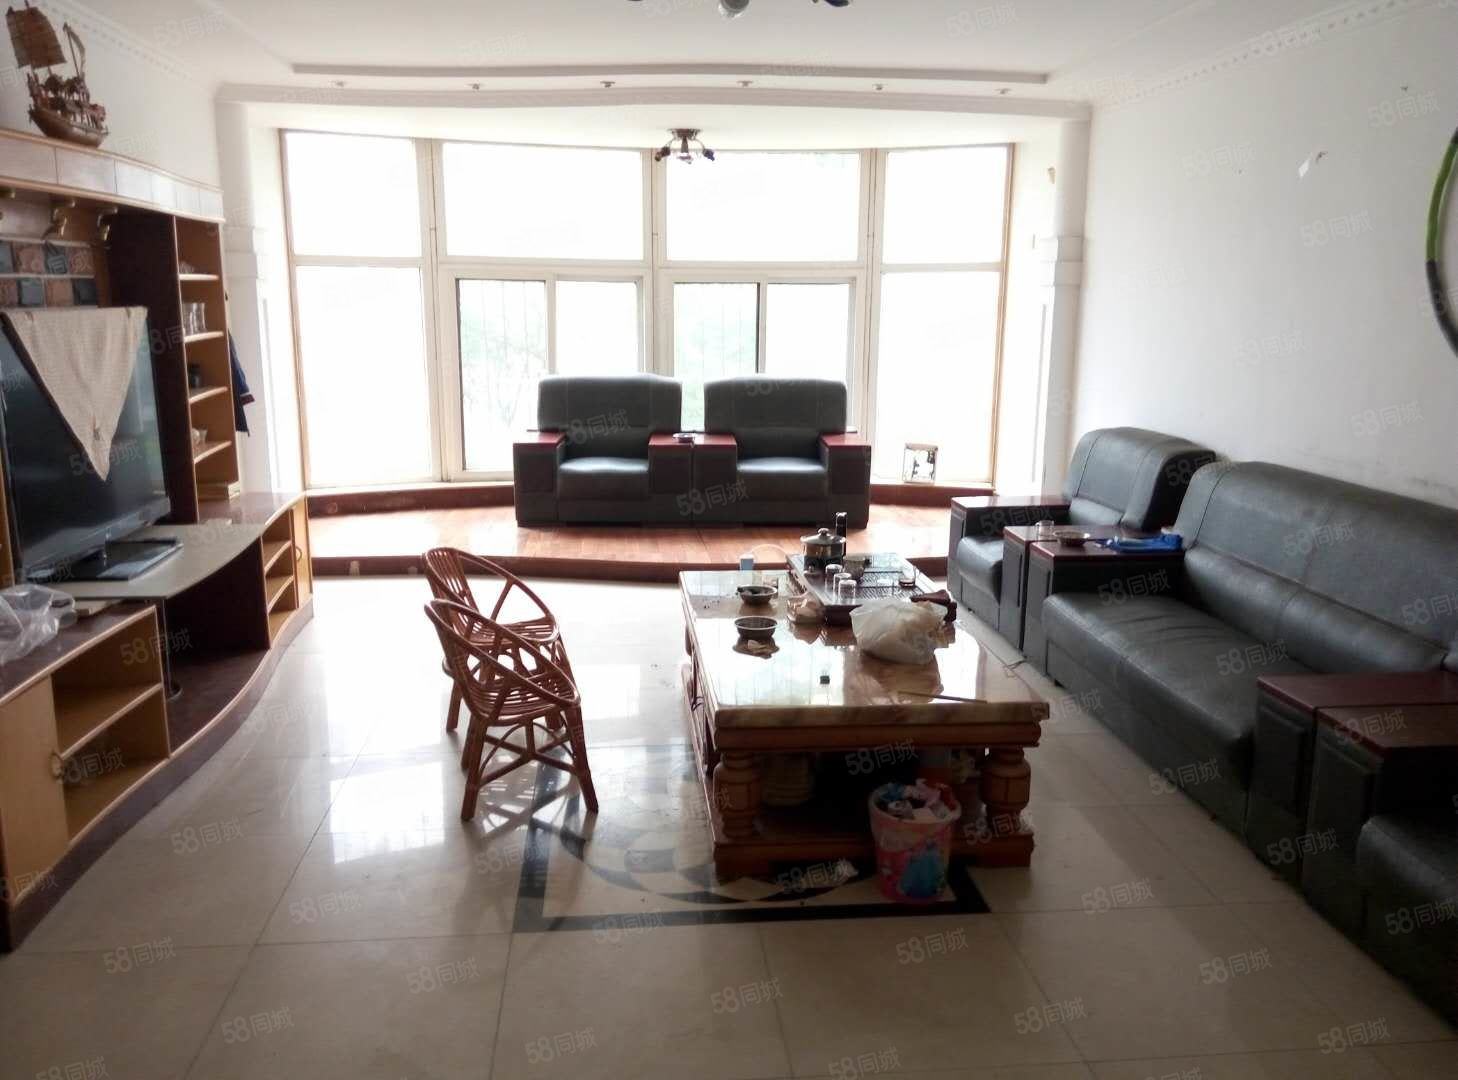 望海花园,160平3室2卫,1楼1楼,可商用可住宅!